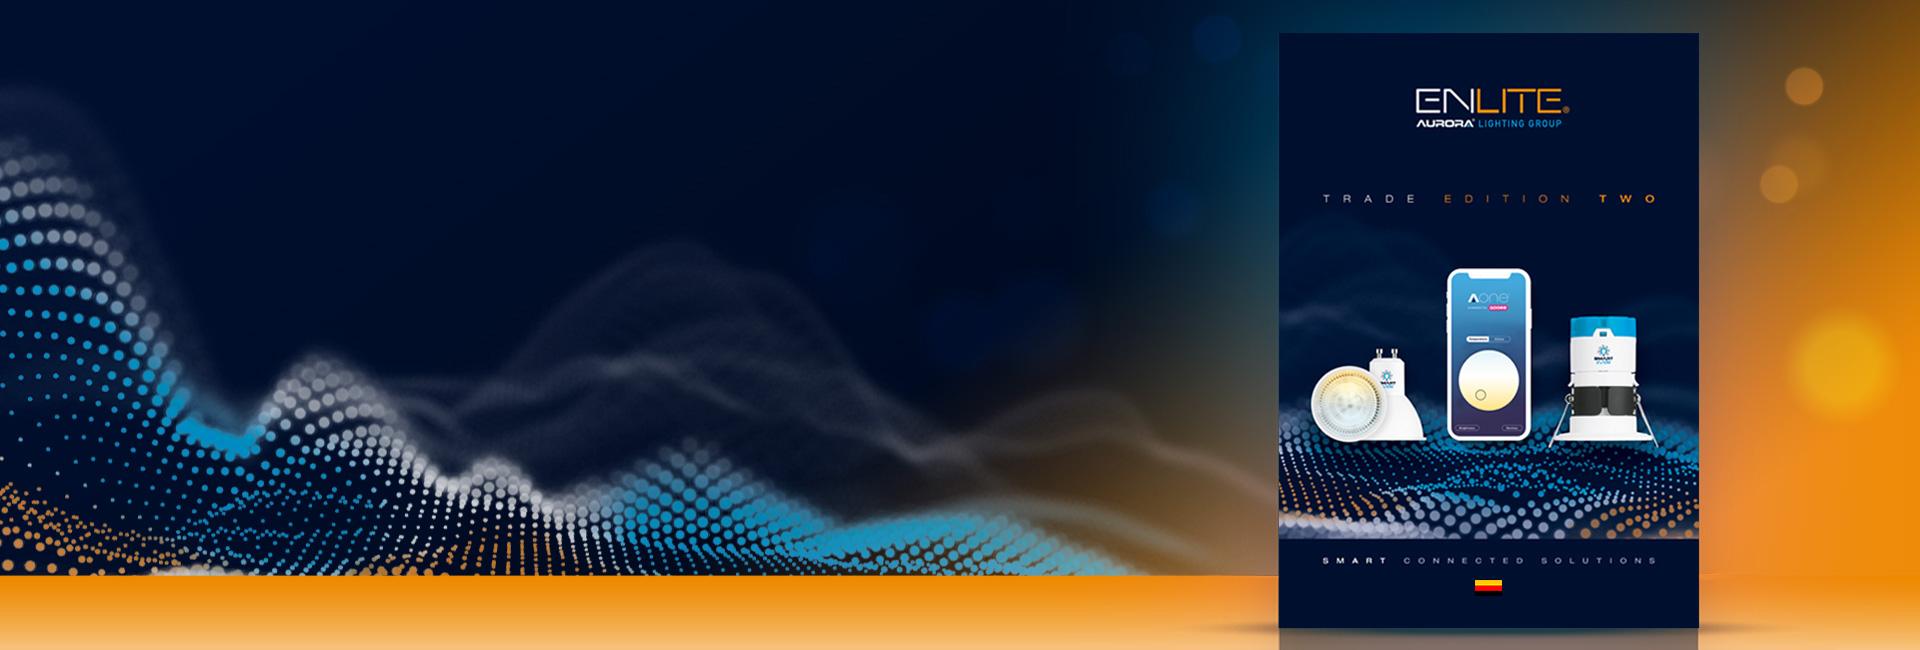 Zeige Produkte für Kategorie Jetzt erhältlich! Der neue ENLITE Trade Edition Two Katalog